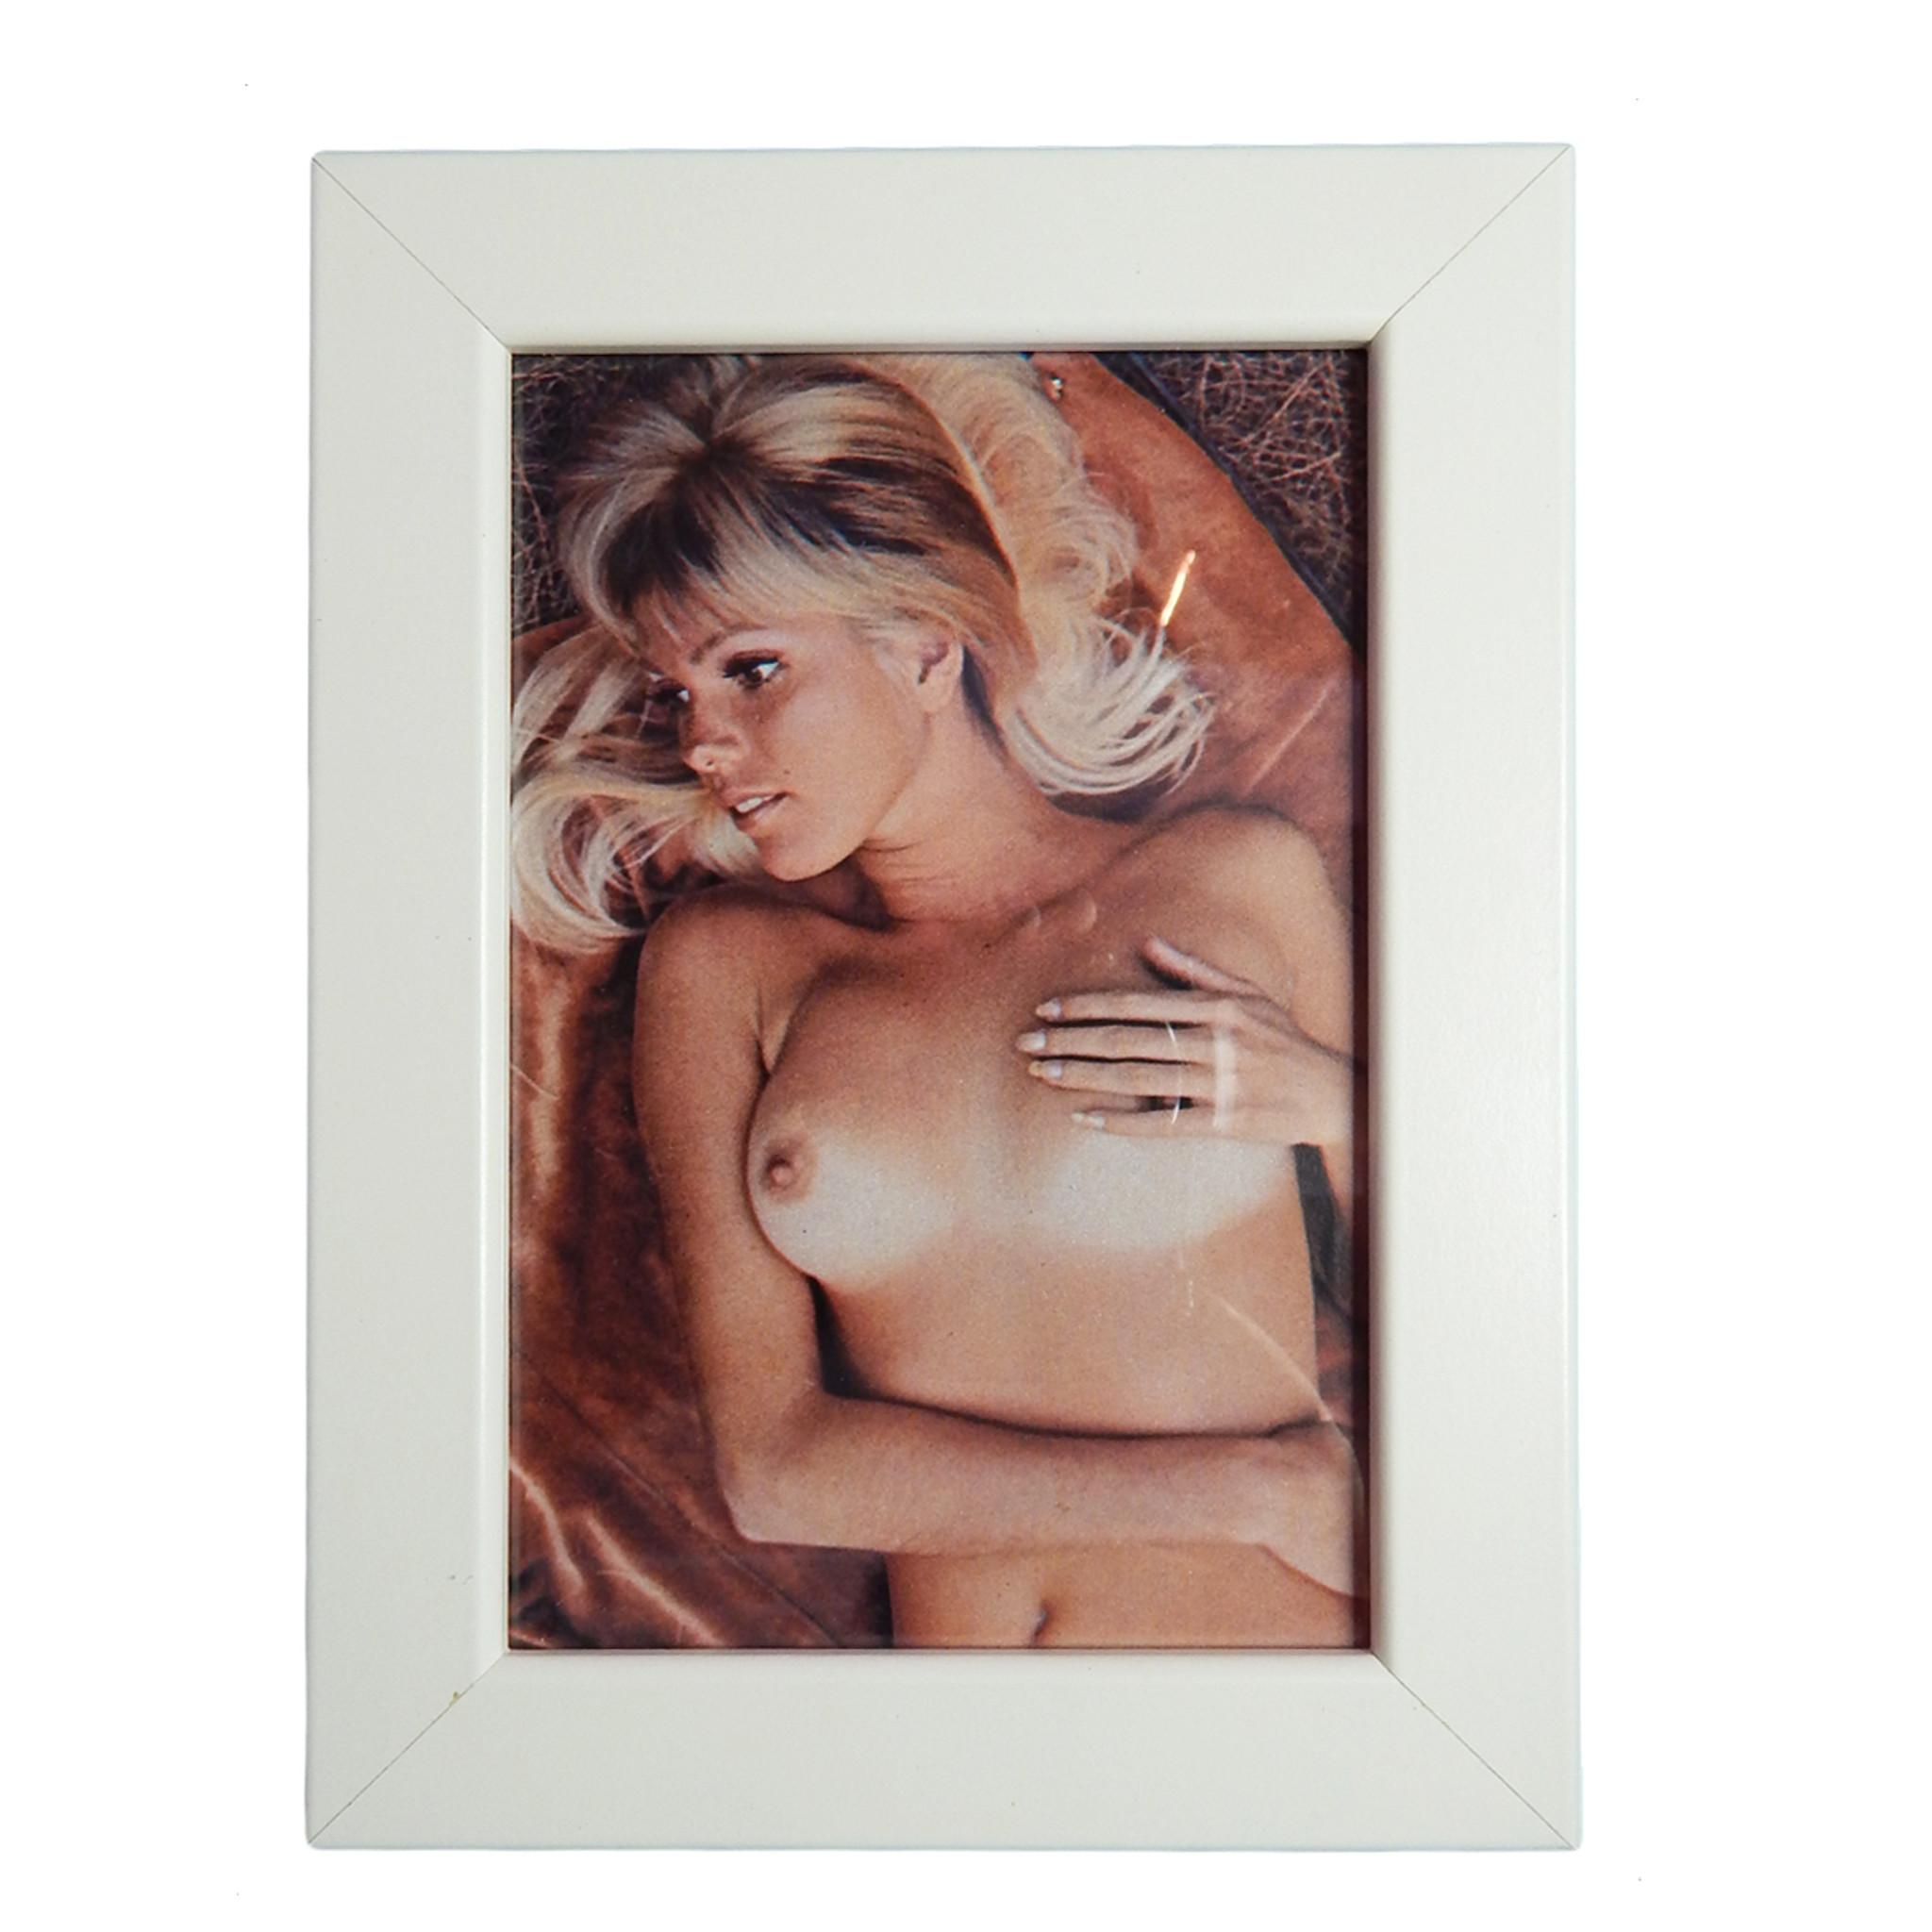 Framed Vintage Playboy Prints